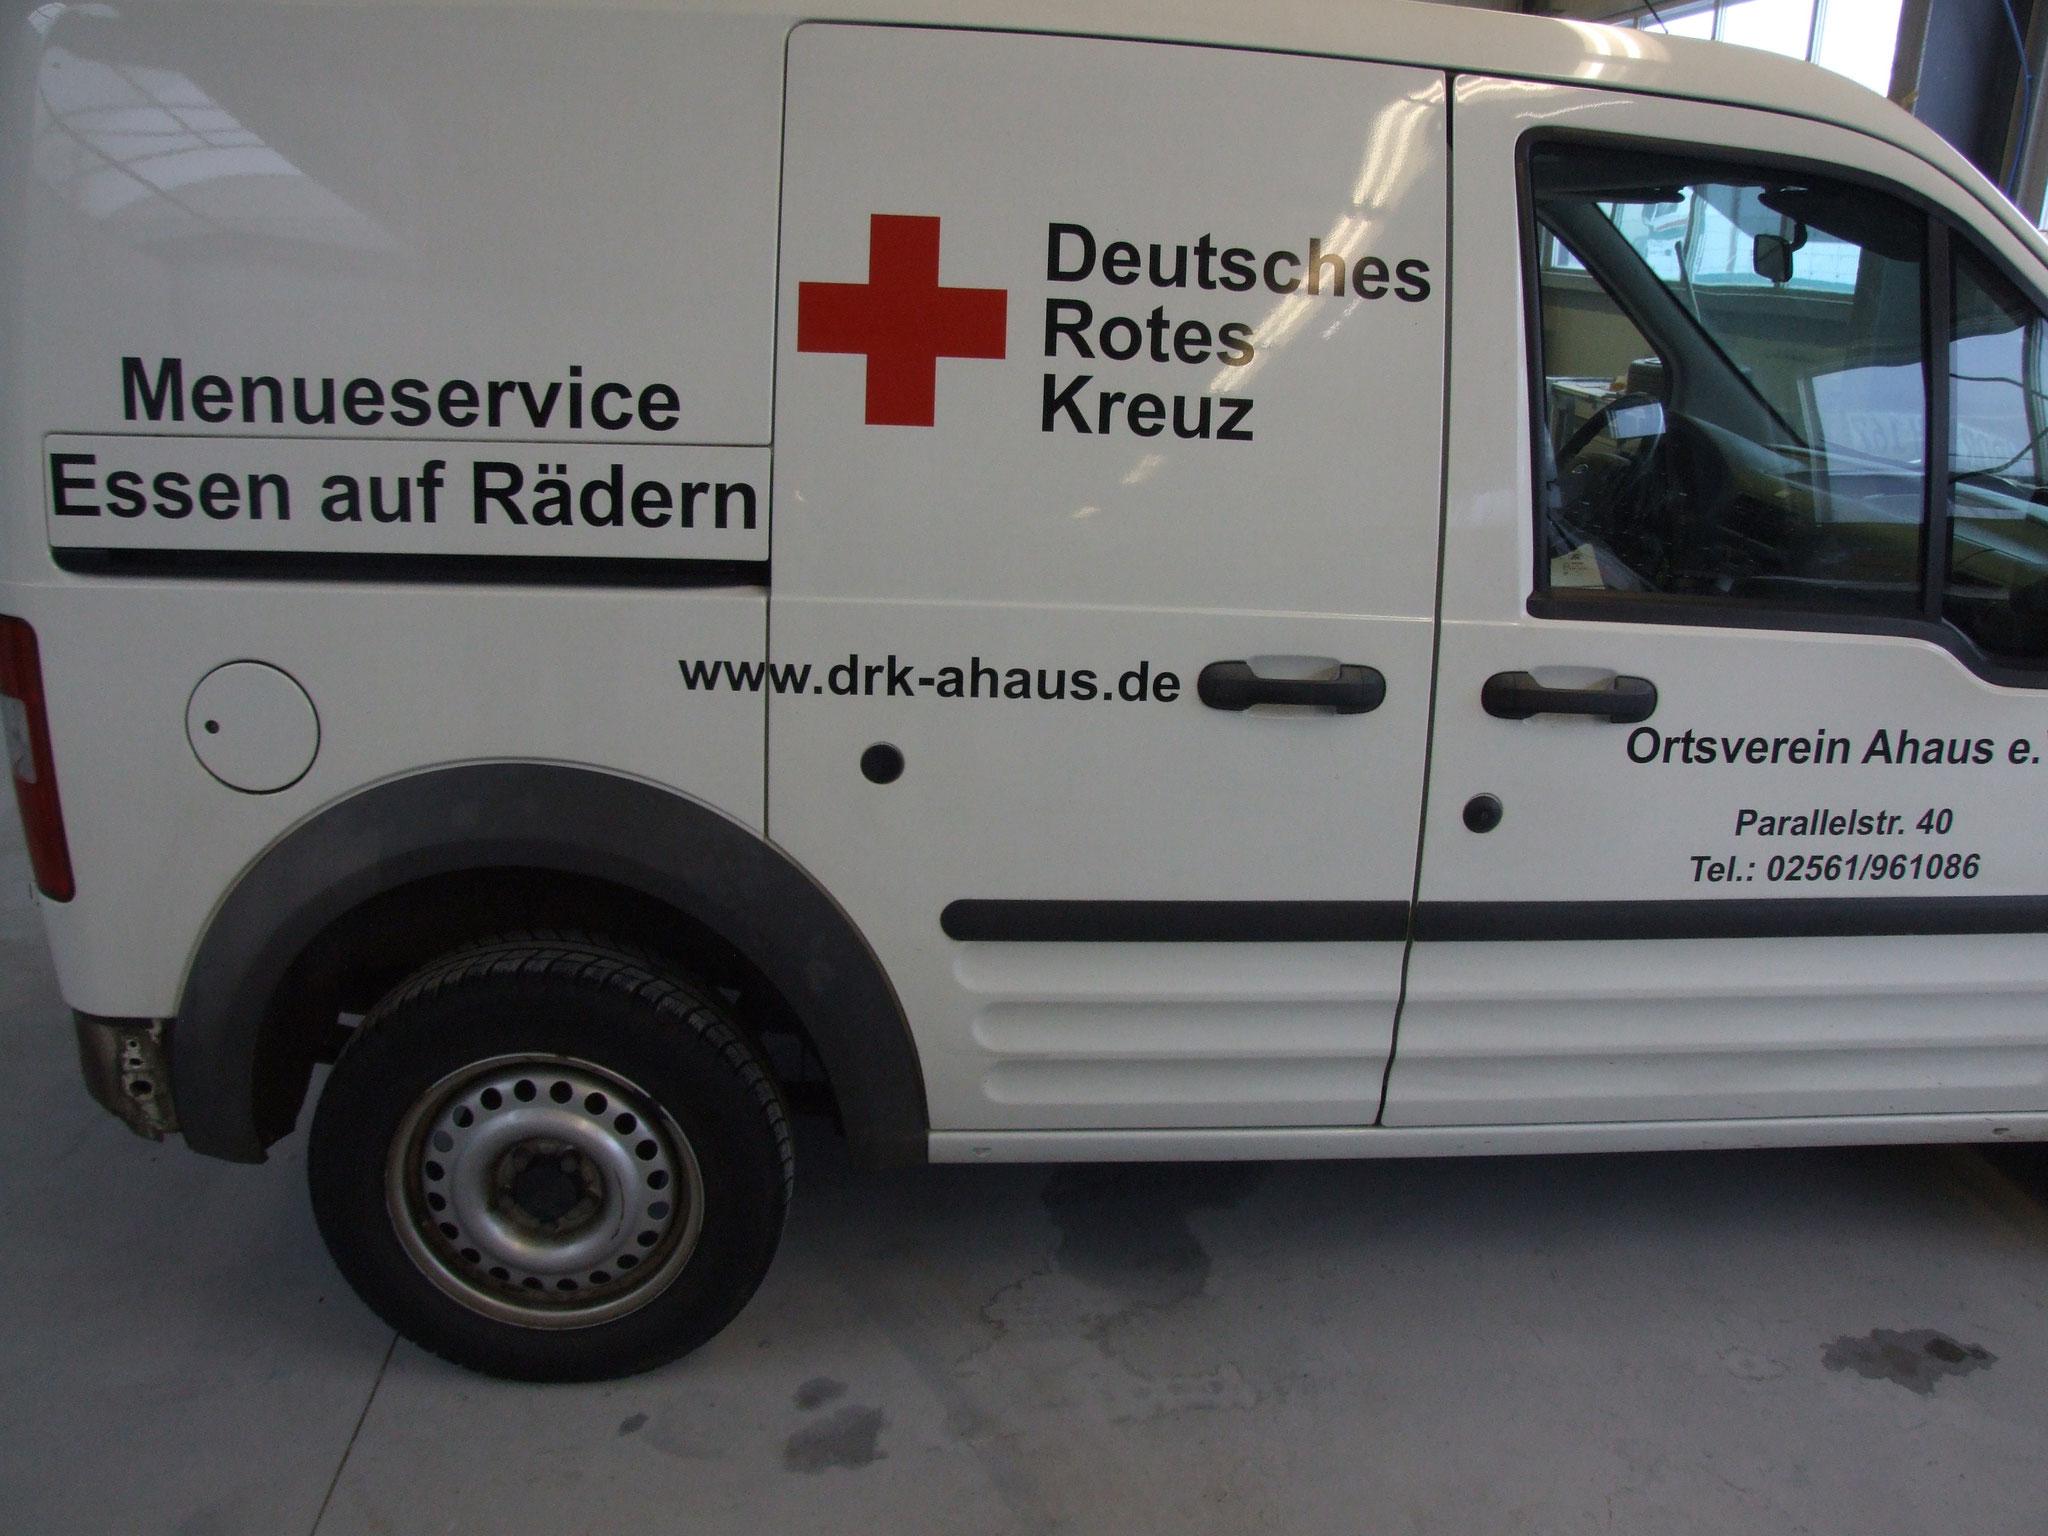 Deutsches Rotes Kreuz Ahaus